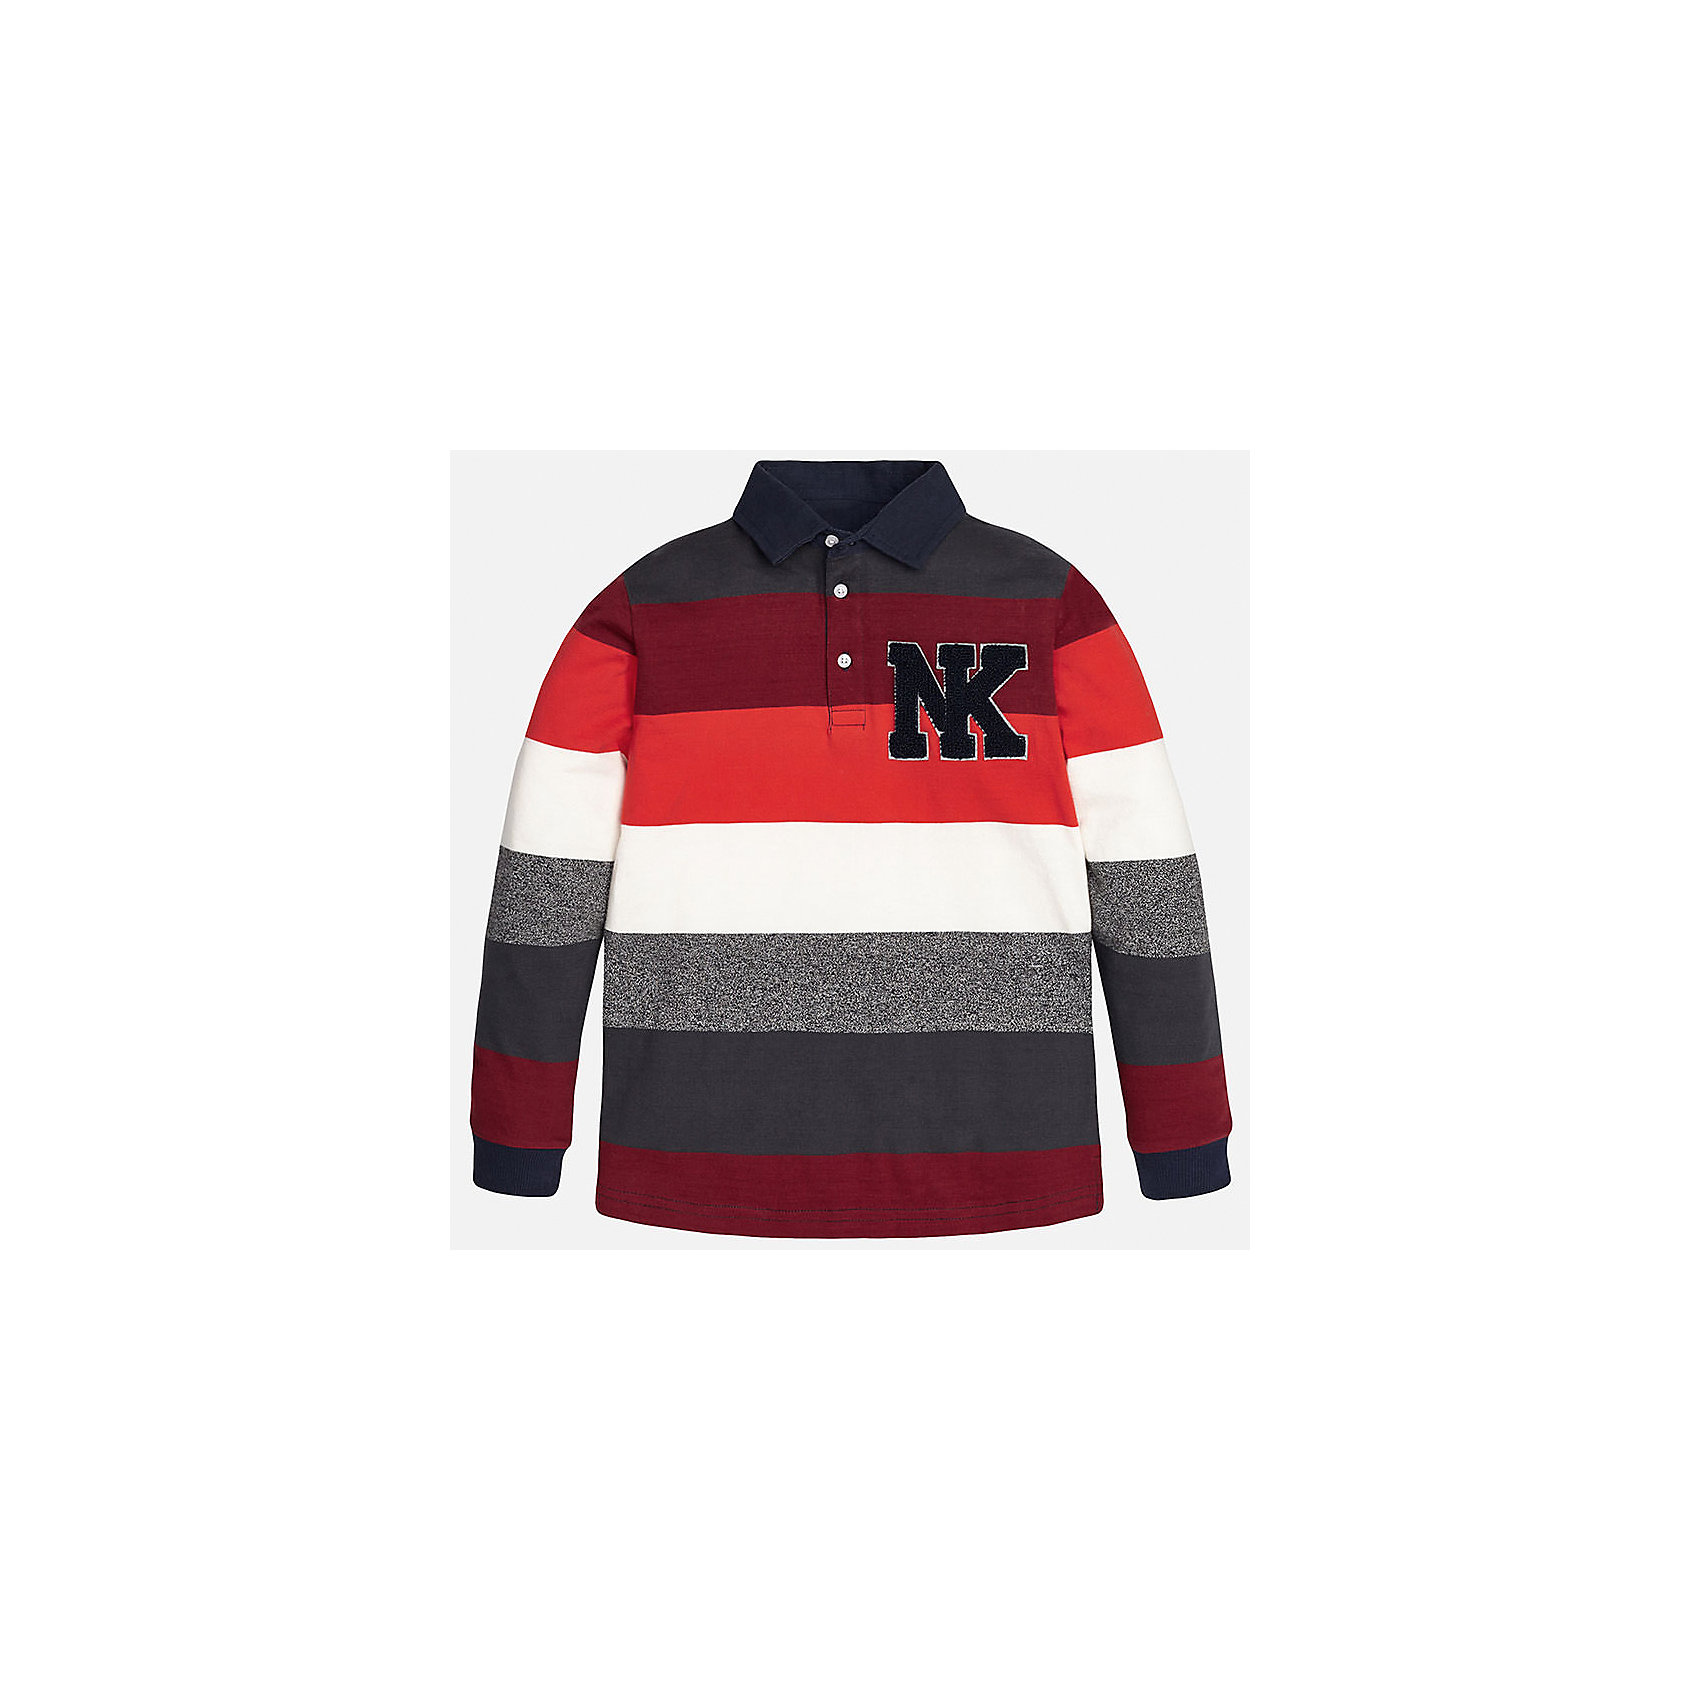 Рубашка-поло для мальчика MayoralРубашка-поло для мальчика от известного испанского бренда Mayoral(Майорал). Рубашка изготовлена из качественного хлопка, имеет оригинальный контрастный дизайн и украшена аппликацией на груди. Такая рубашка непременно понравиться ребенку и он будет носить ее с удовольствием!<br><br>Дополнительная информация:<br>Состав: 92% хлопок, 8% полиэстер<br>Цвет: красный/серый/белый<br>Рубашку-поло для мальчика Mayoral(Майорал) можно купить в нашем интернет-магазине.<br><br>Ширина мм: 174<br>Глубина мм: 10<br>Высота мм: 169<br>Вес г: 157<br>Цвет: бордовый<br>Возраст от месяцев: 156<br>Возраст до месяцев: 168<br>Пол: Мужской<br>Возраст: Детский<br>Размер: 158/164,146/152,164/170,152/158,140/146,128/134<br>SKU: 4826835